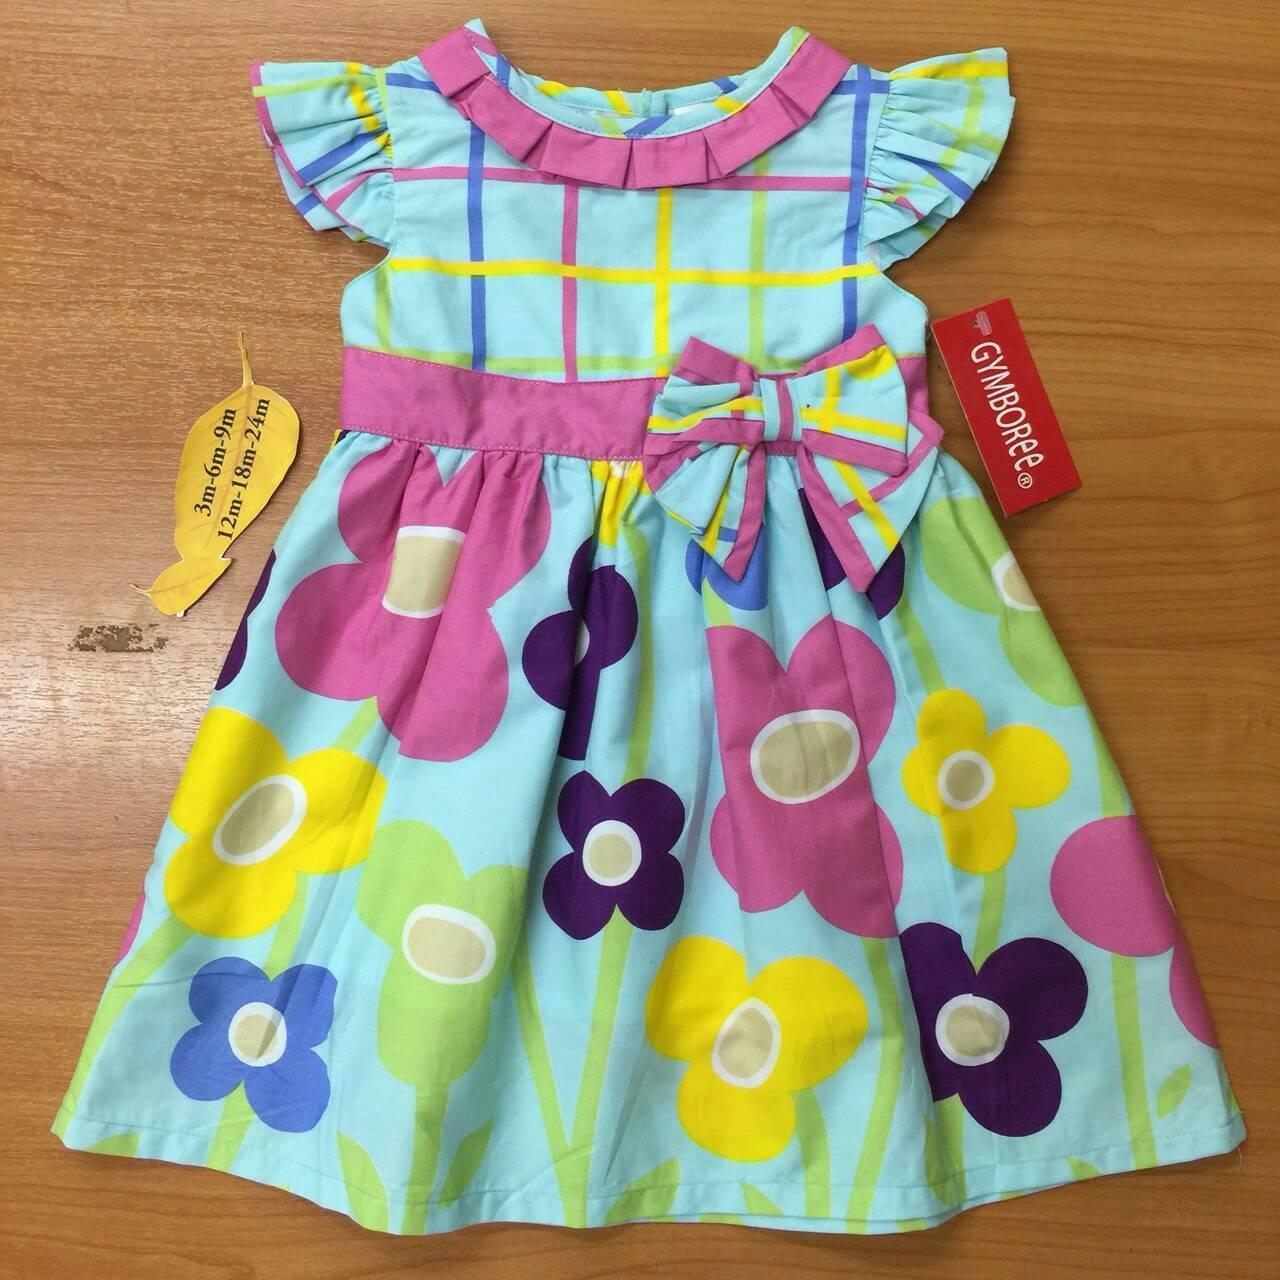 เสื้อผ้าเด็ก แรกเเกิด-9เดือน size 3m-6m-9m ลายดอกไม้ พื้นหลังสีฟ้า